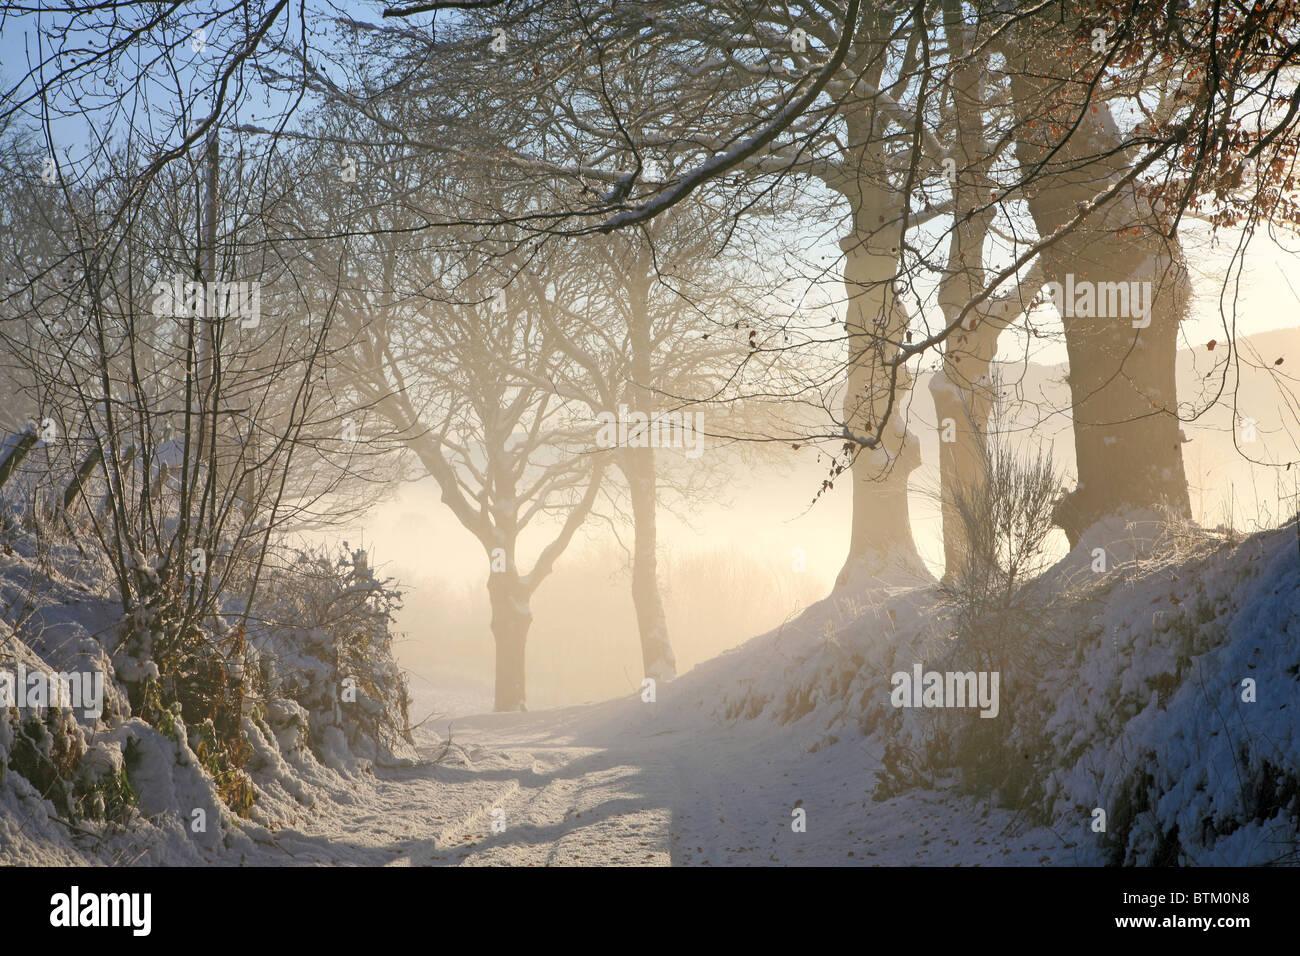 Reino Unido Escocia Misty Tayside árboles en invierno Foto de stock